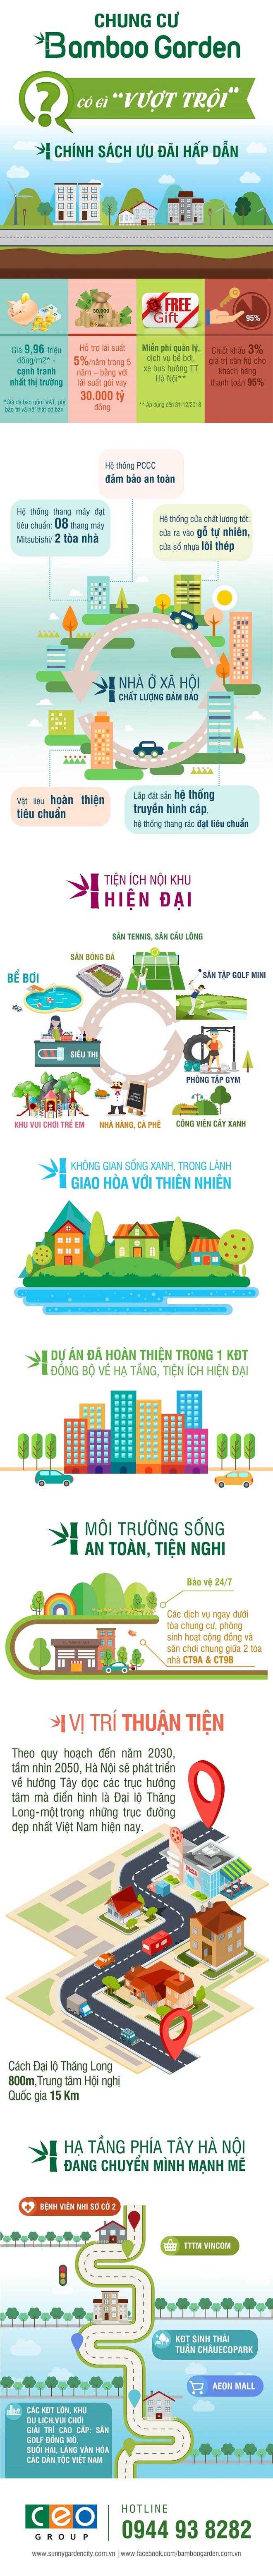 Nhung yeu to lam nen suc hut cua chung cu Bamboo Garden hinh anh 1